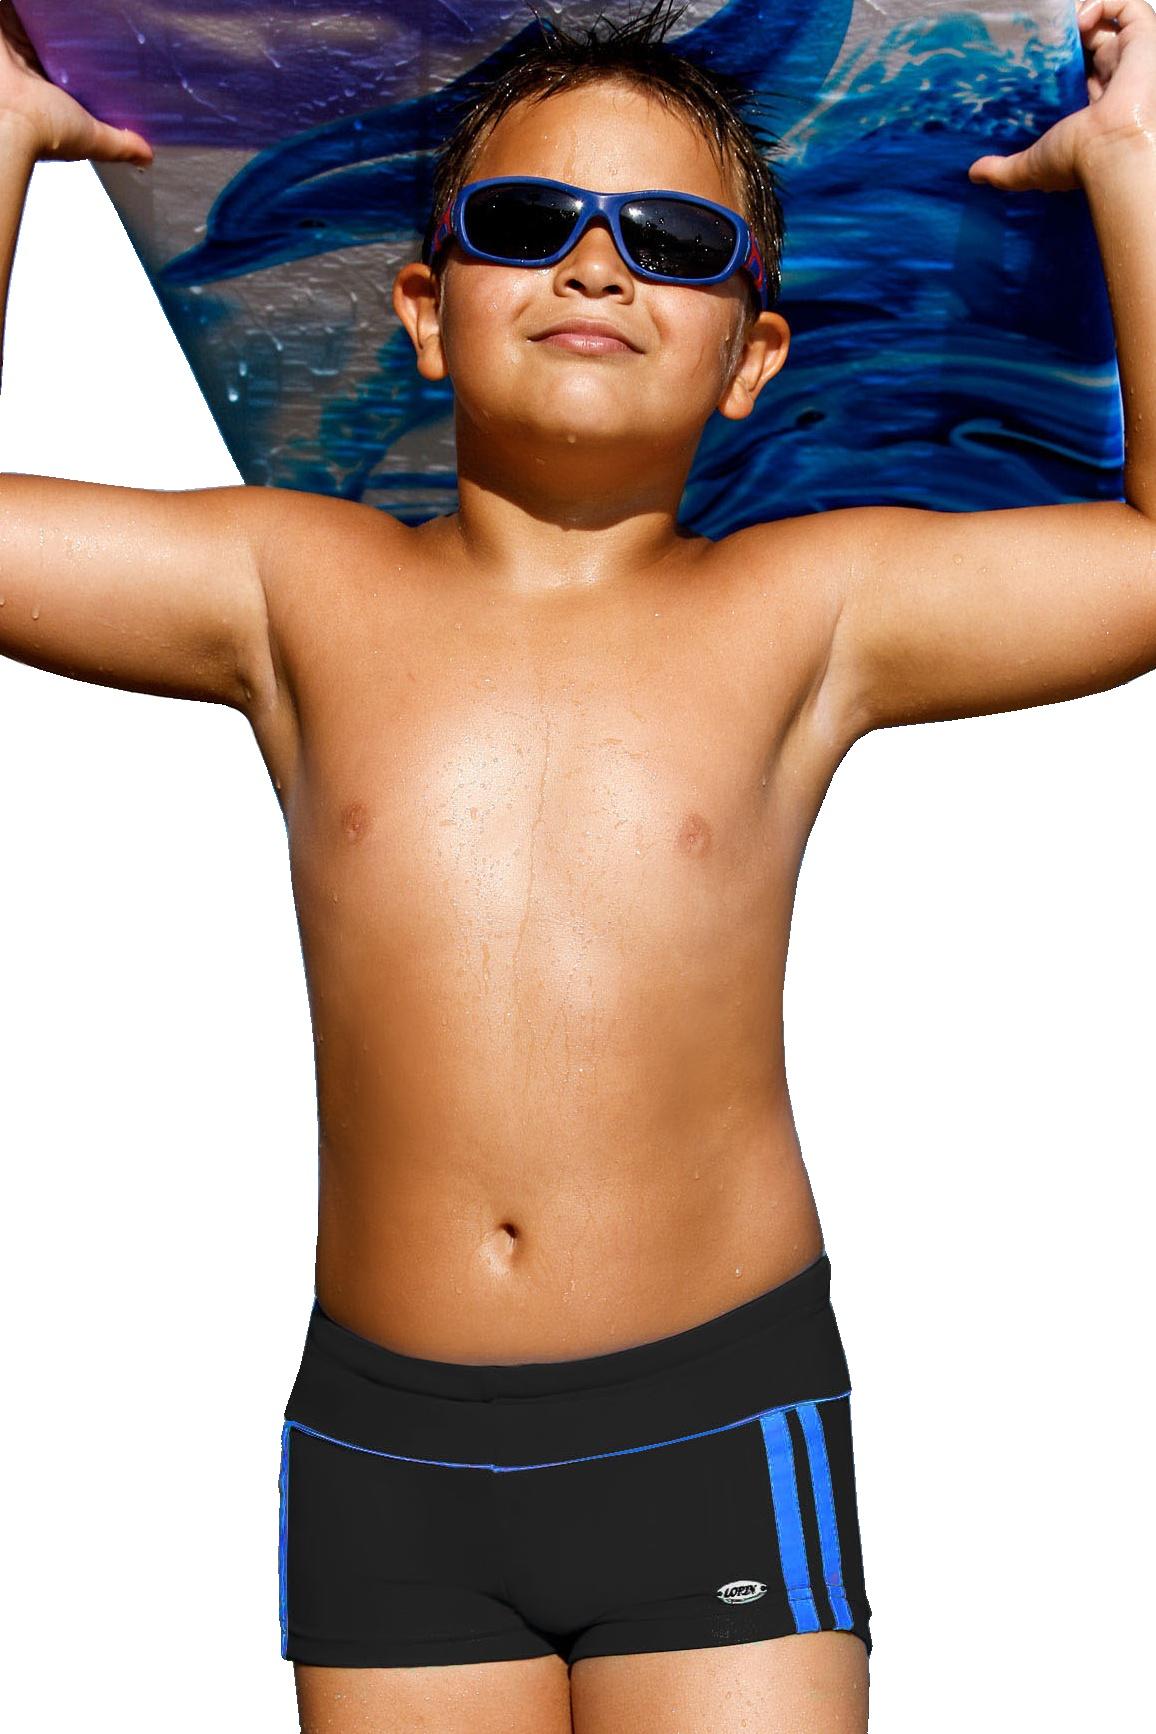 Plavky chlapecké Jirka černé - černá